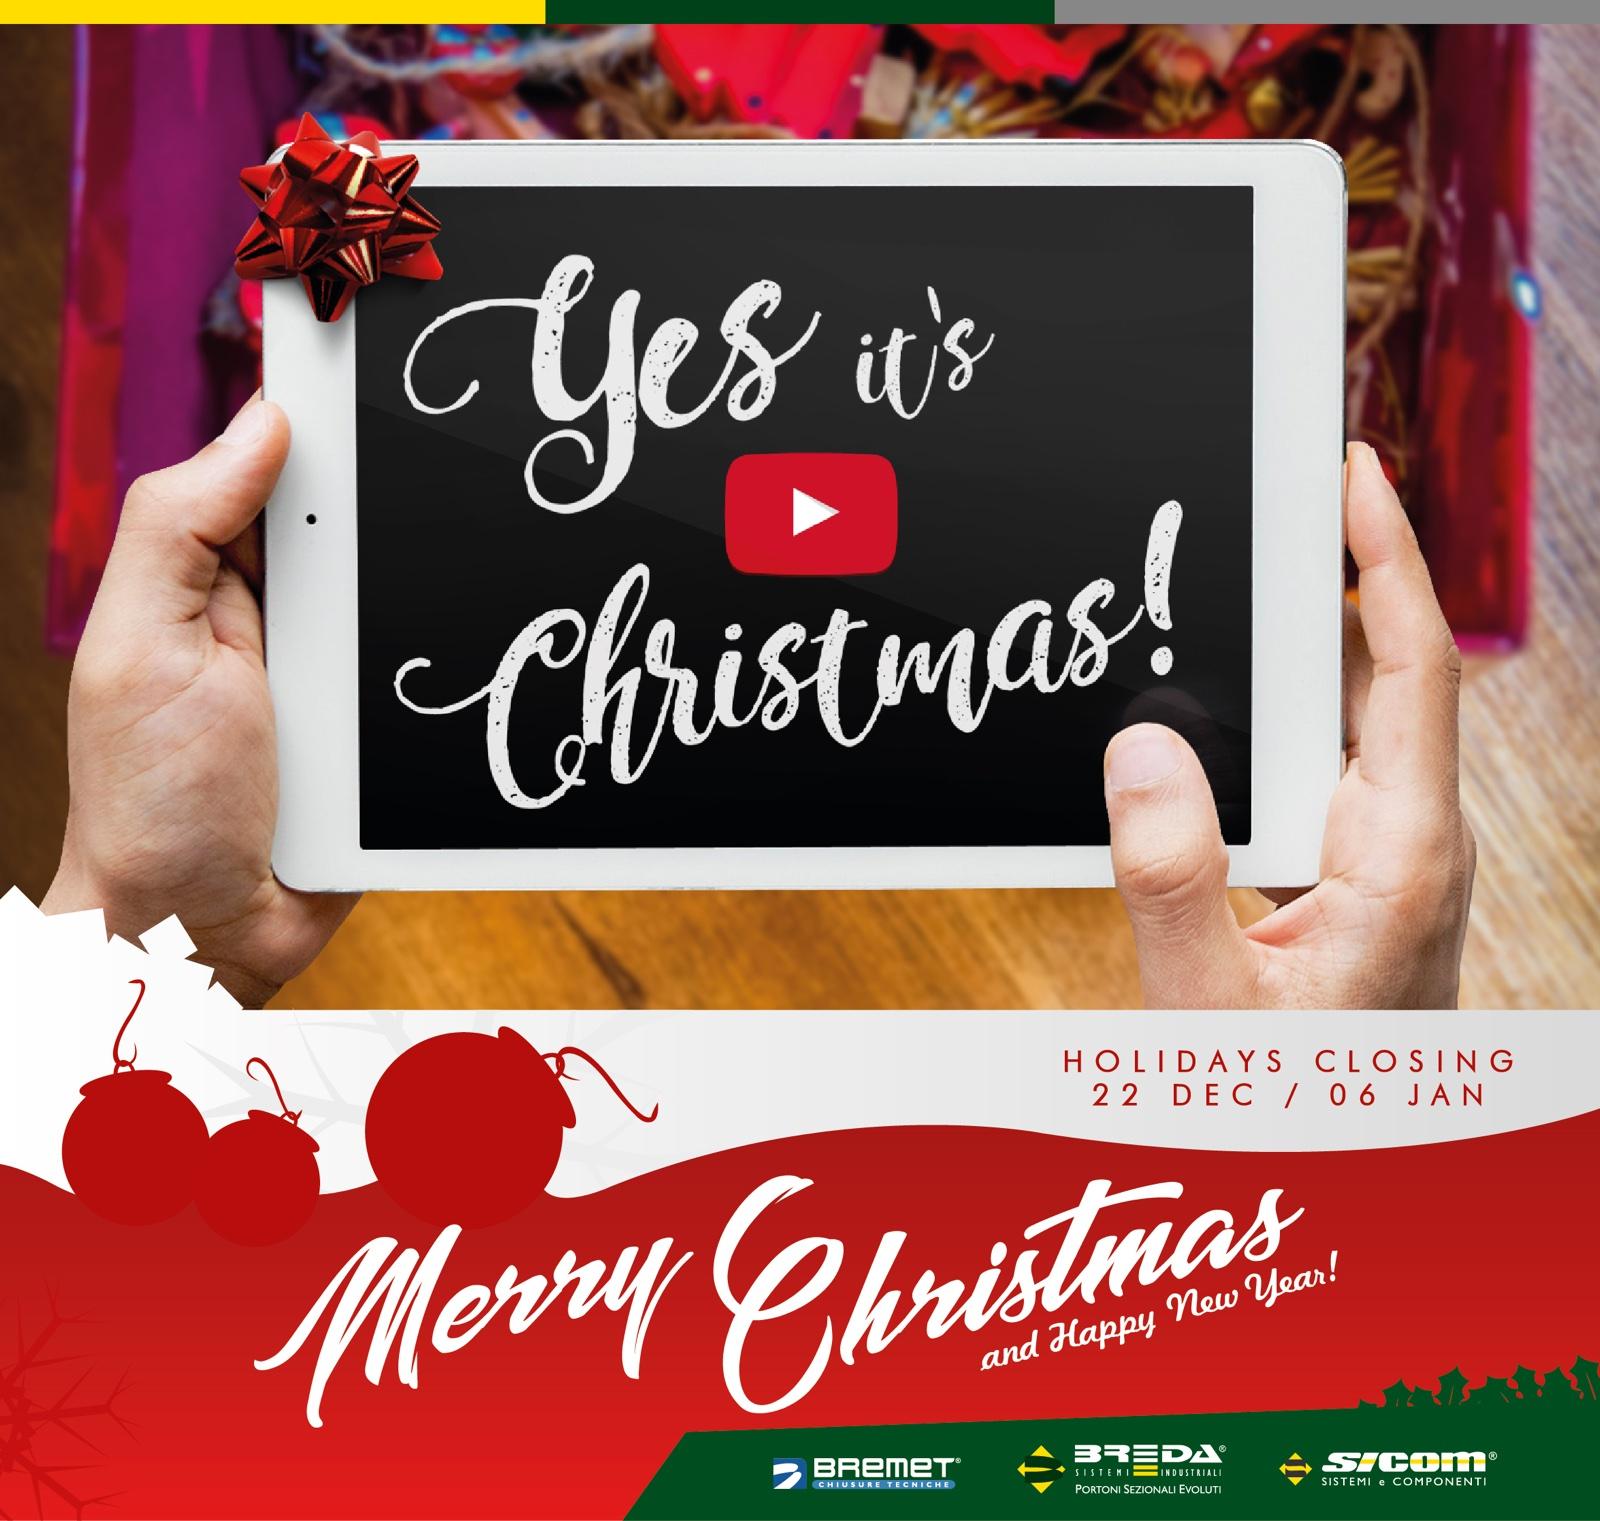 Yes, it's Christmas - Buon Natale e Felice 2019 da Breda Portoni !